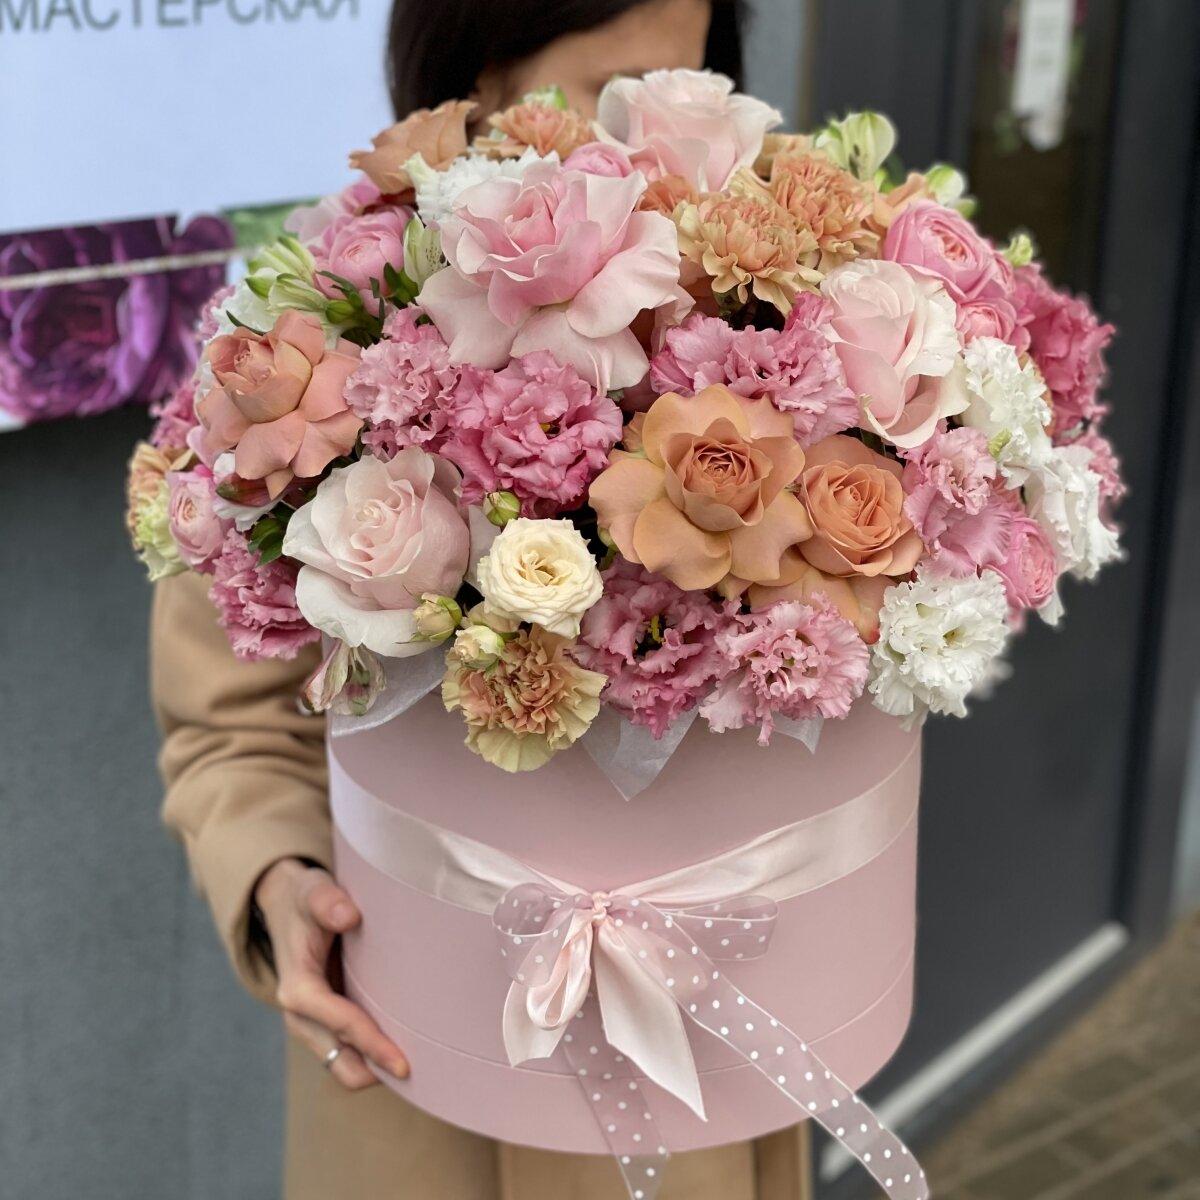 Коробка Счастливое время из роз, диантуса, эустомы и альстромерии